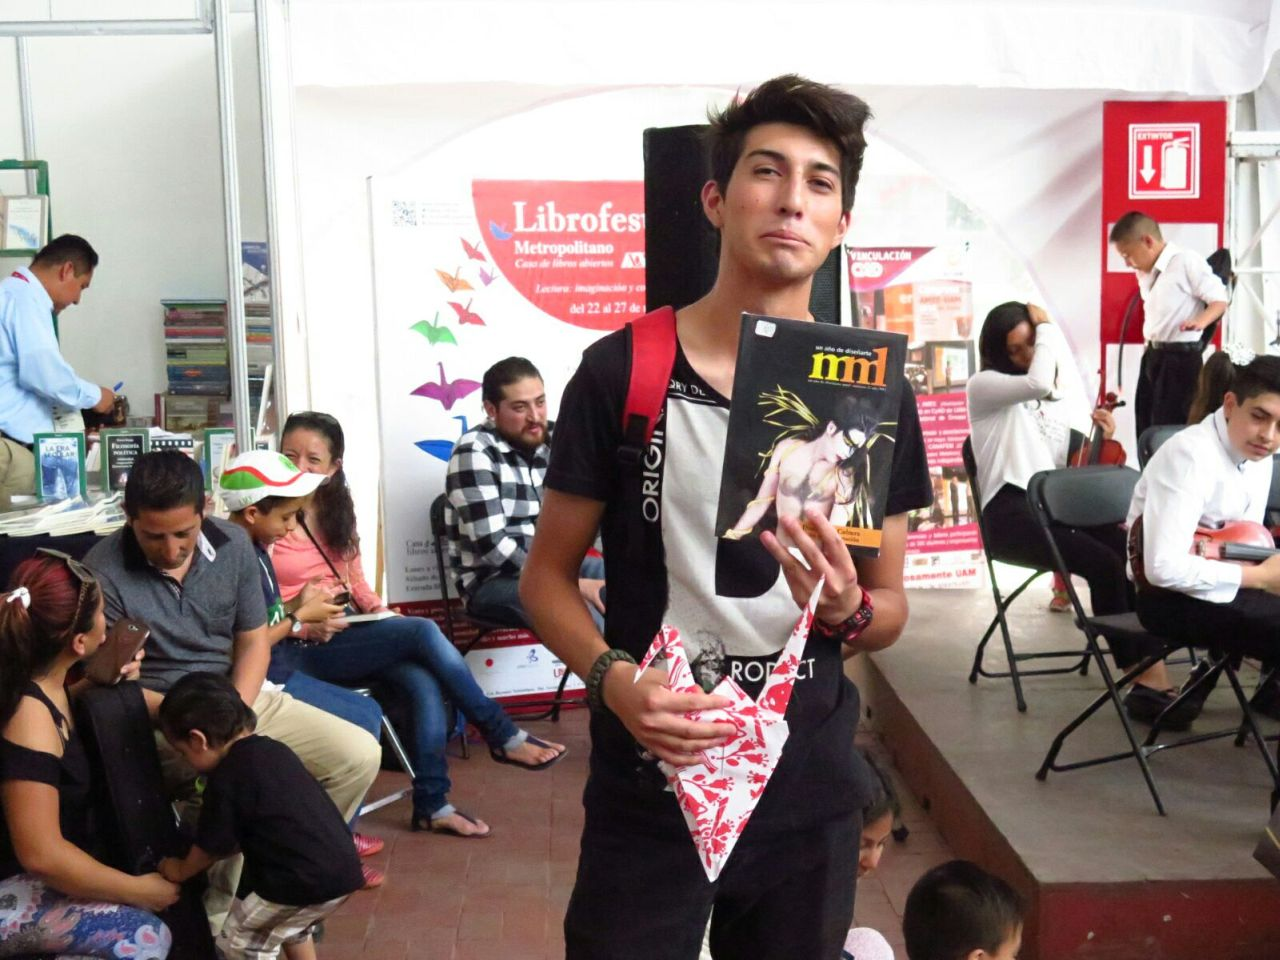 """""""Juventud Solidaria, Cultura y Política"""",  Los Temas del Librofest Metropolitano 2018"""